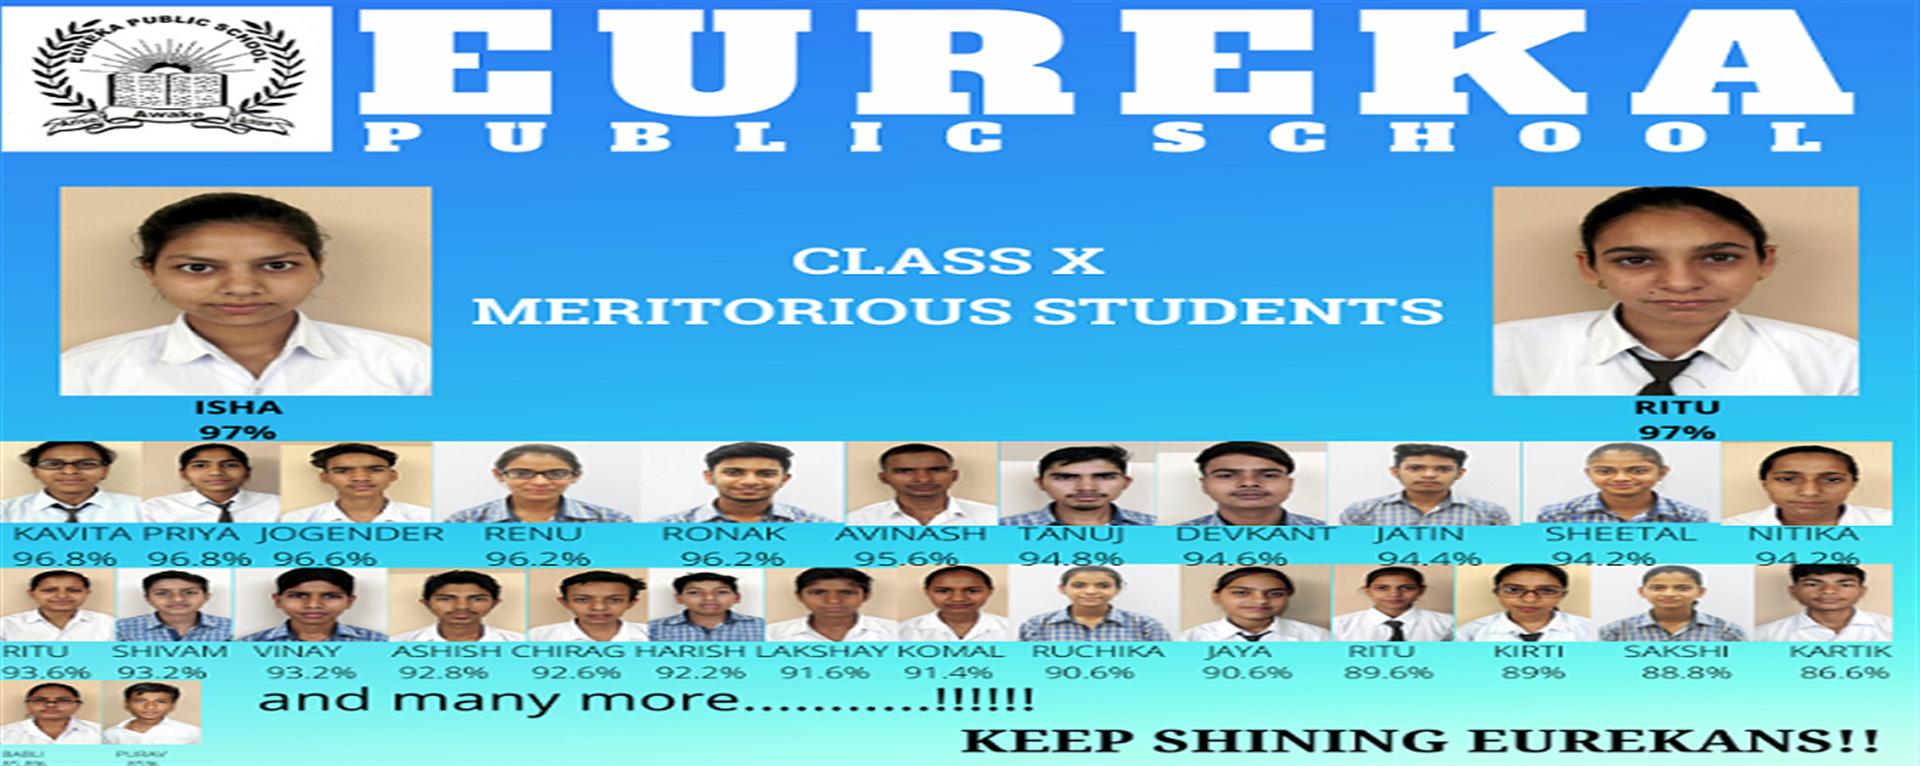 CLASS X ACHIEVERS